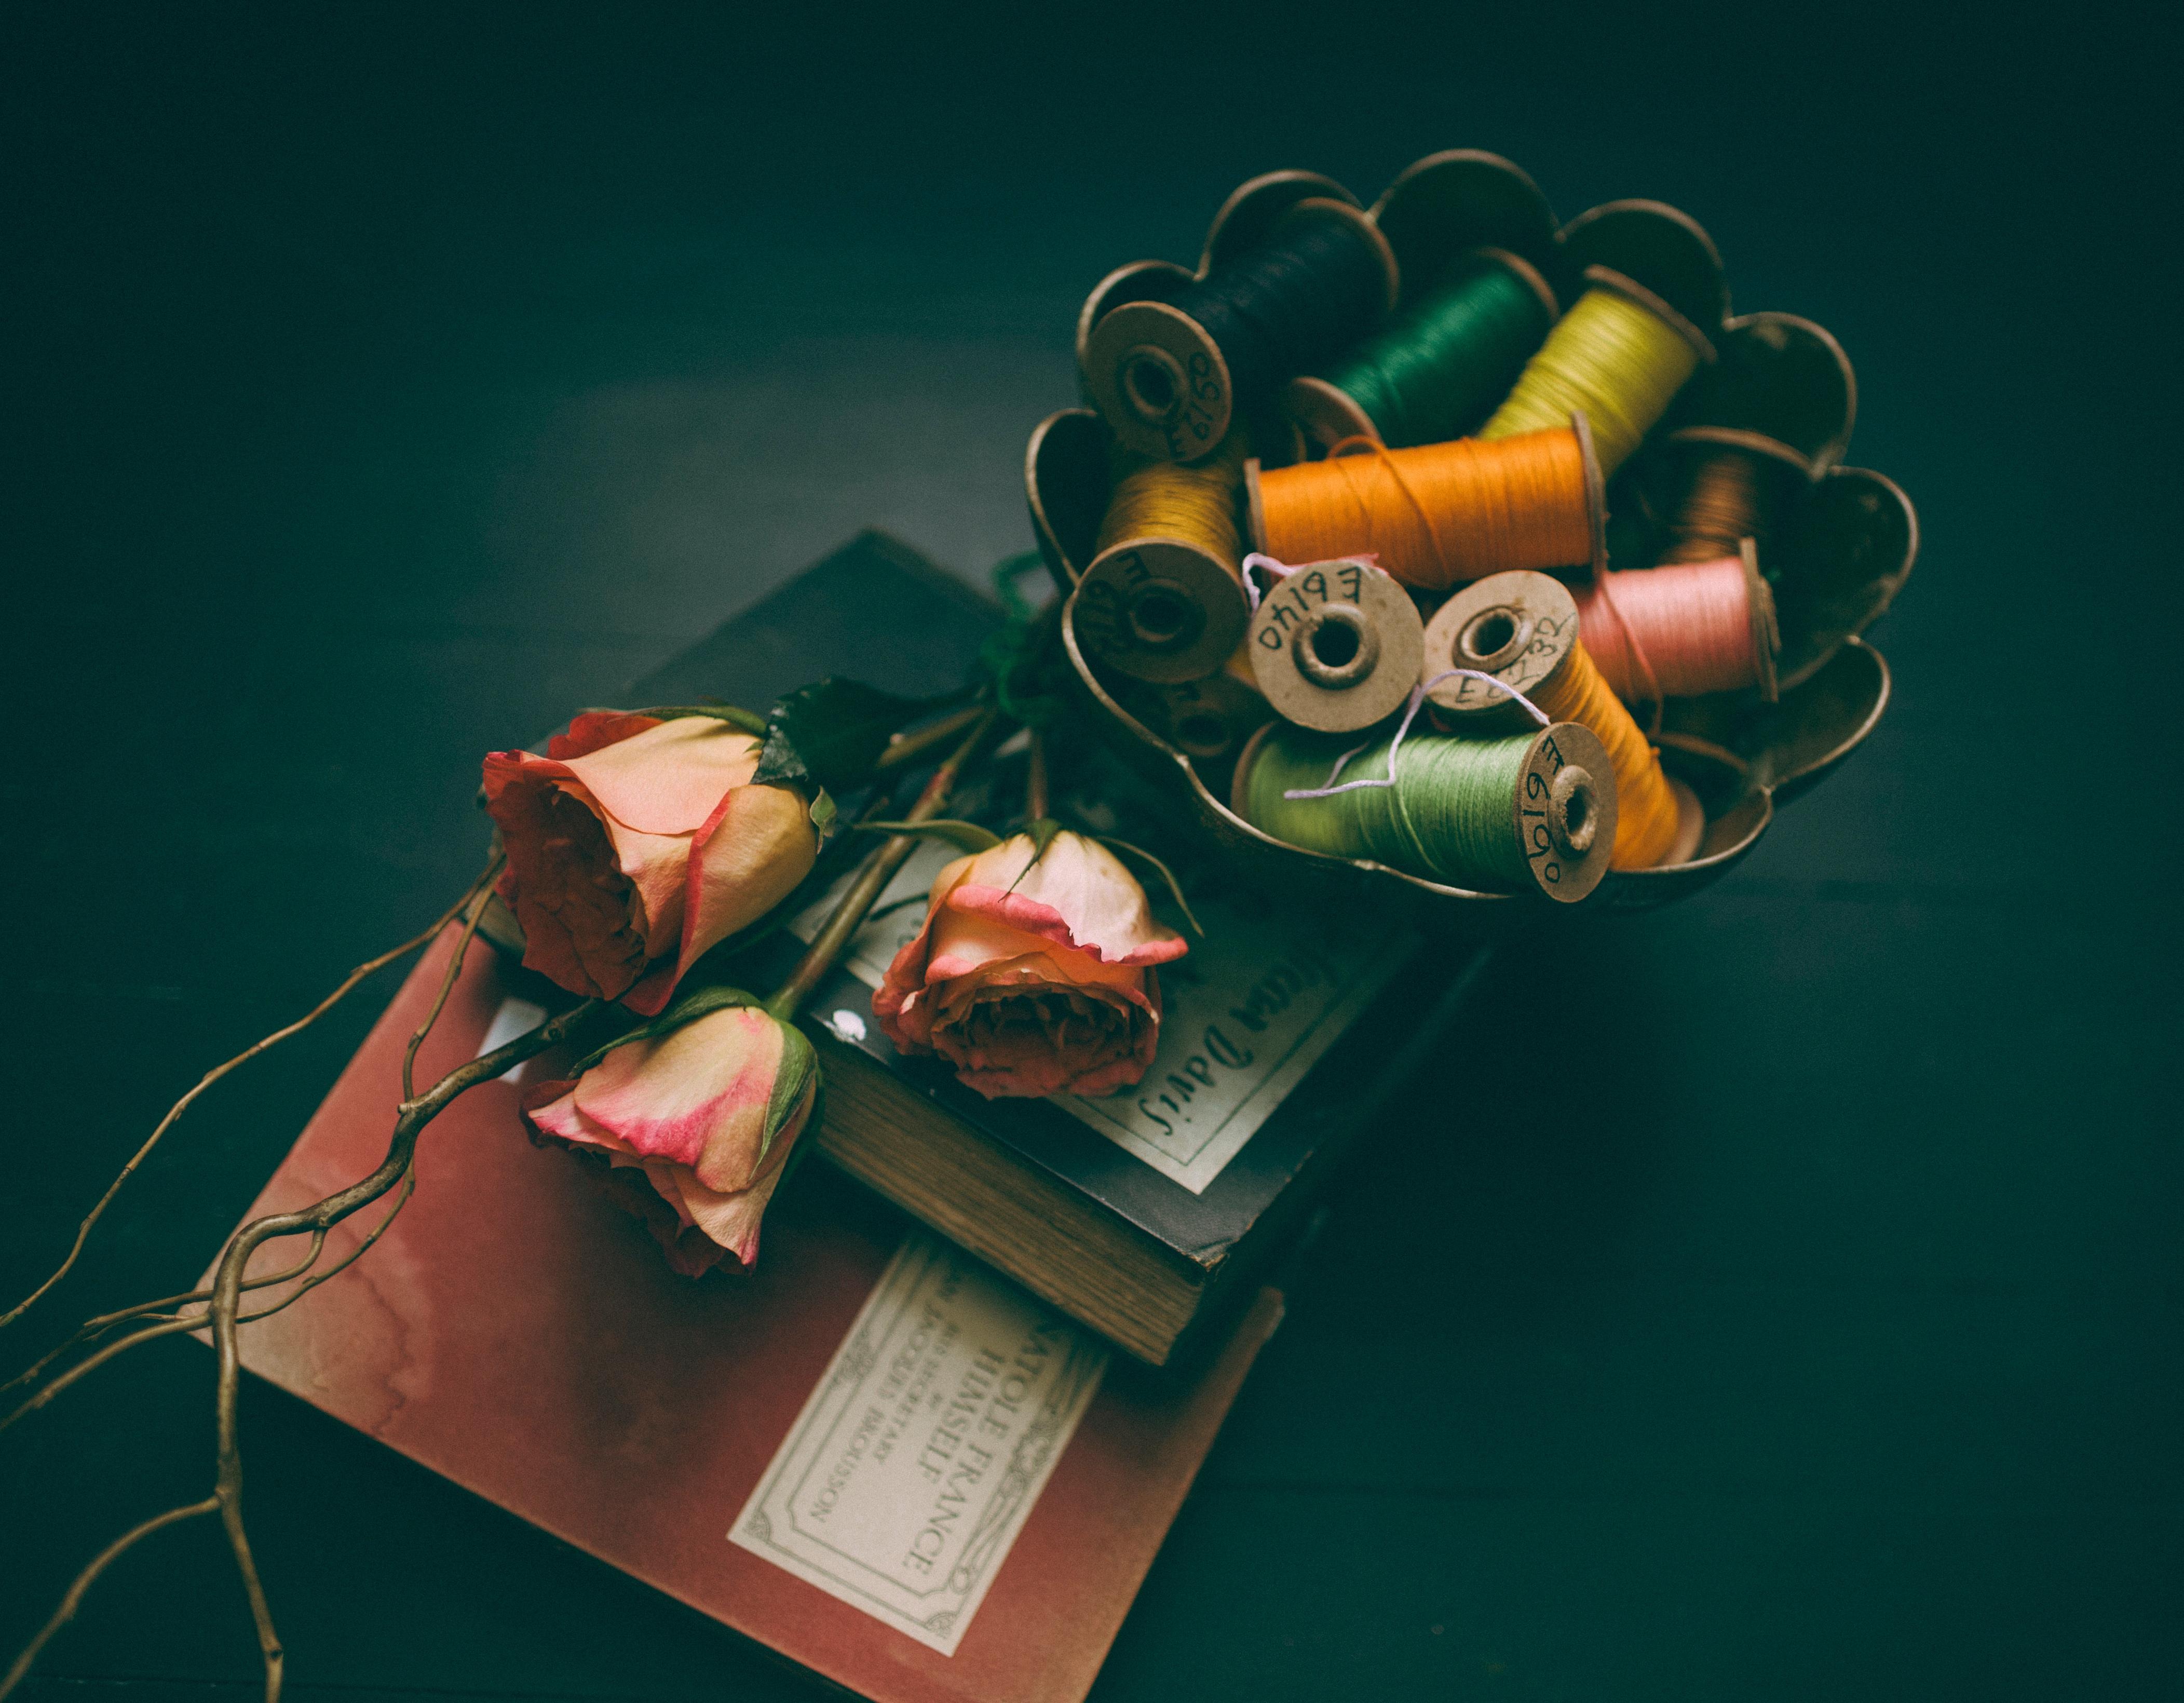 Gambar Book Bunga Mawar Hijau Kumparan Benang Seni